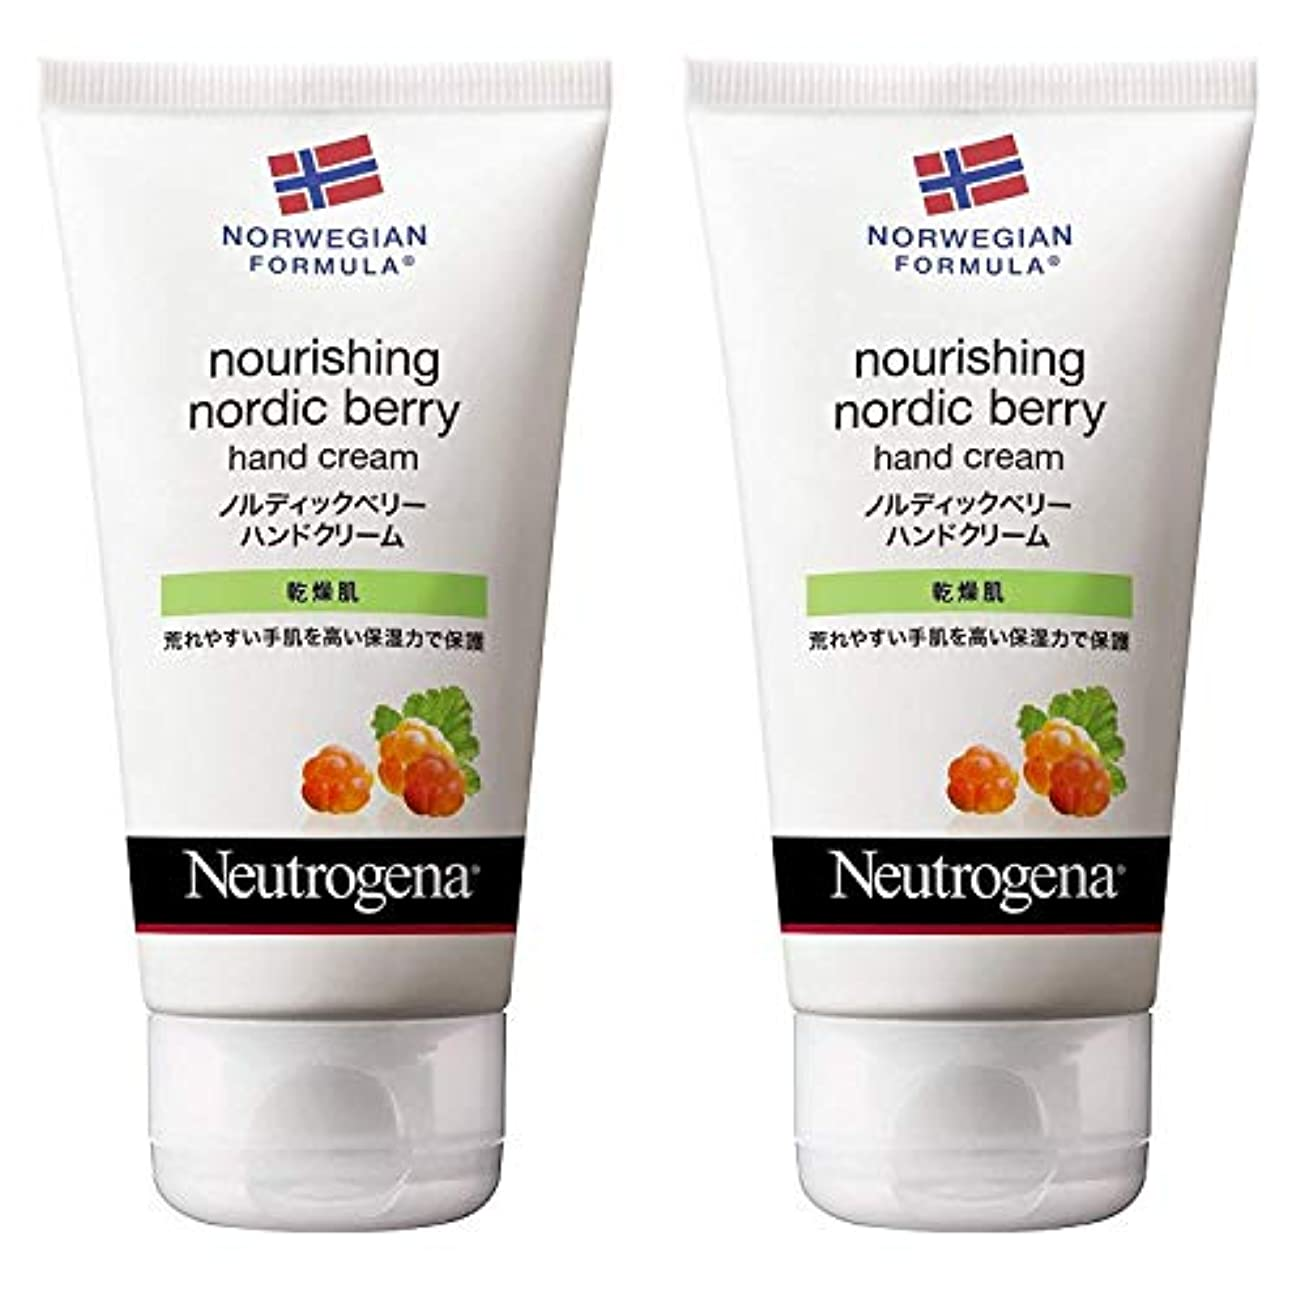 パキスタン人呼びかける威する[2個セット]Neutrogena(ニュートロジーナ)ノルウェーフォーミュラ ノルディックベリー ハンドクリーム 75g